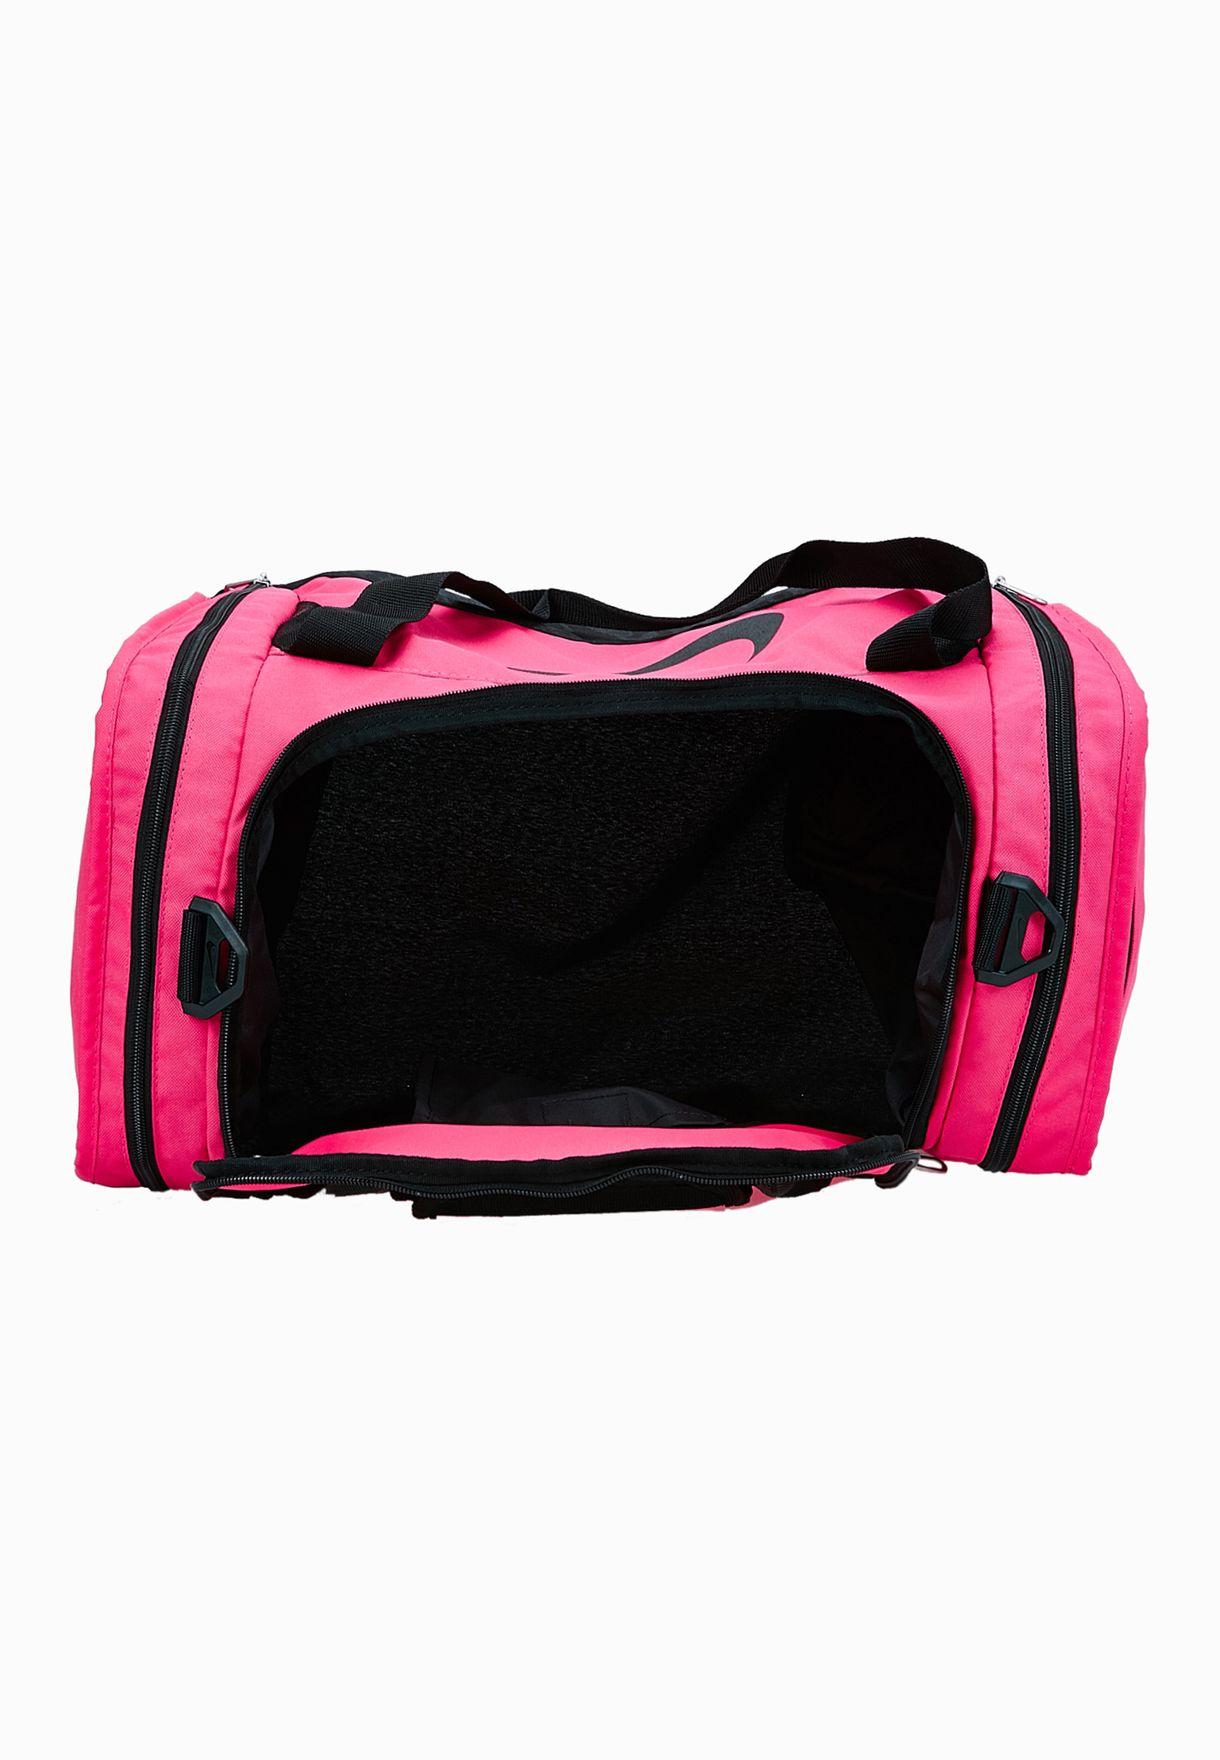 52e0e87bacf8 Shop Nike pink Womens Brasilia 6 Duffel S BA4910-606 for Women in ...